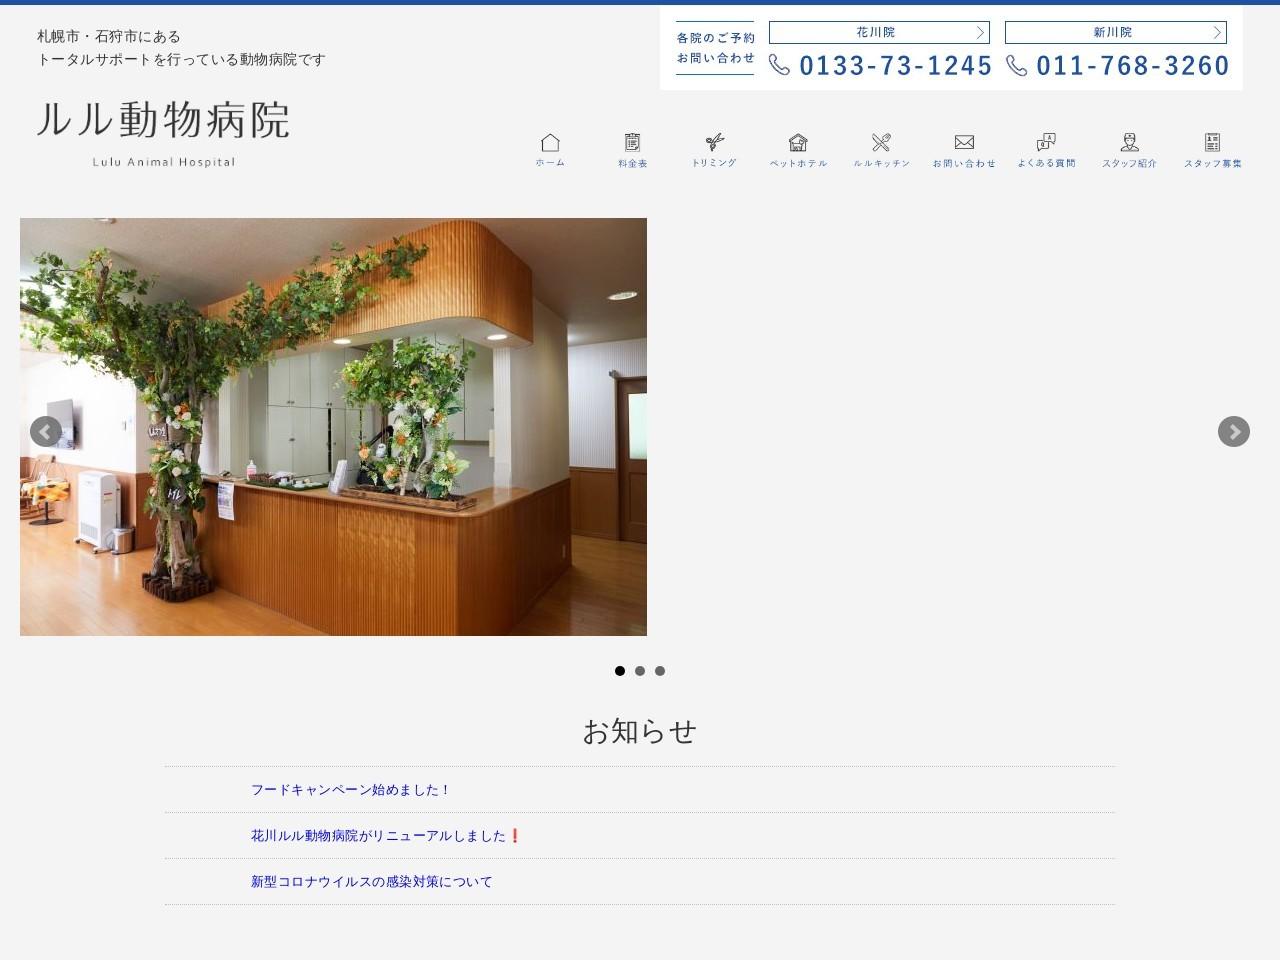 新川ルル動物病院